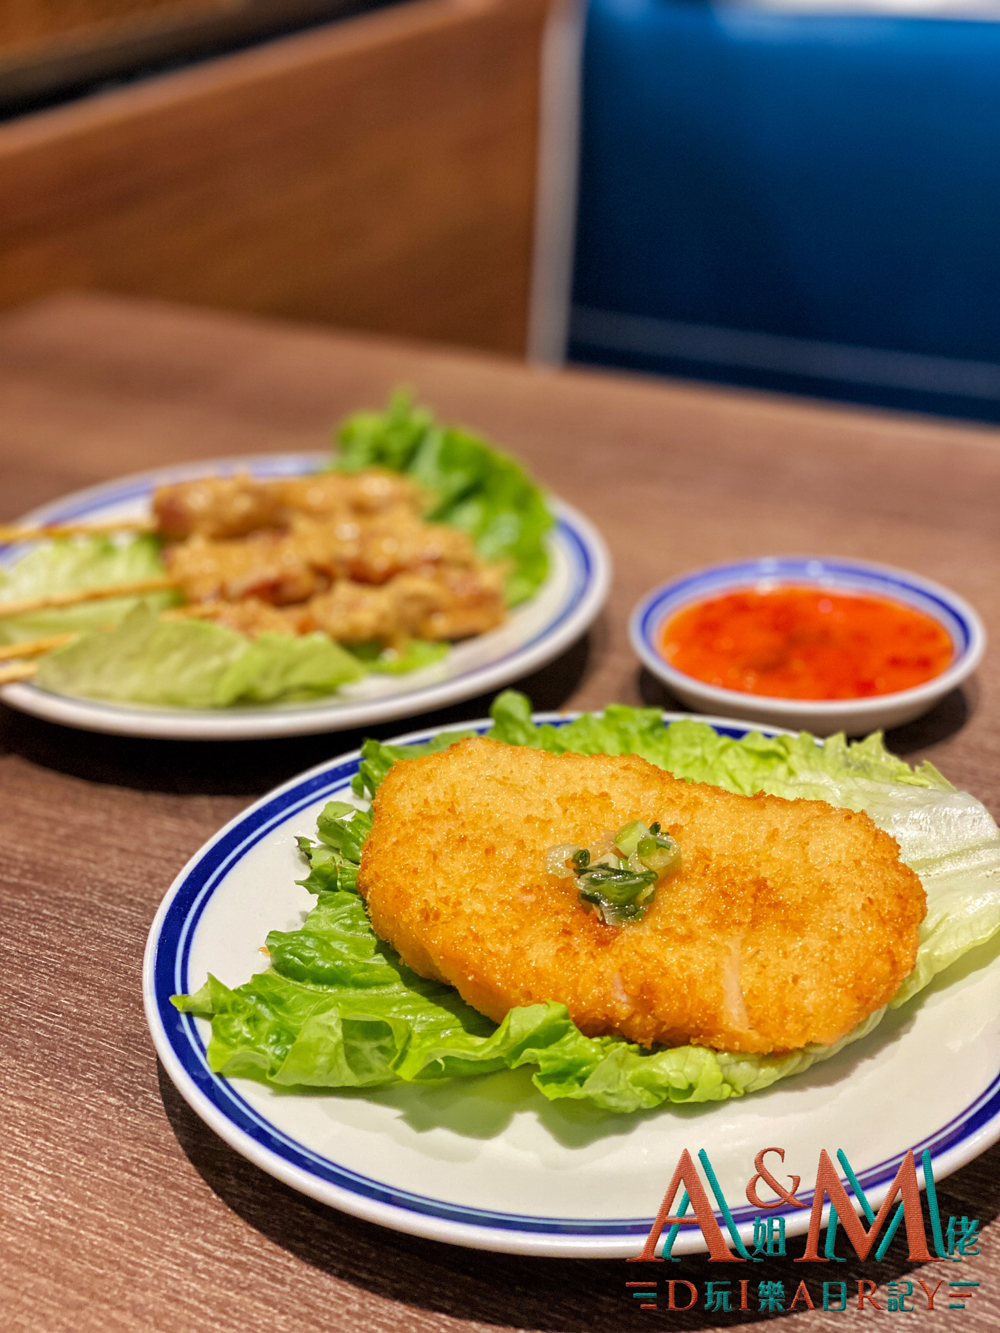 〈好食〉抵食驚喜星馬菜 將軍澳亞金南洋茶室